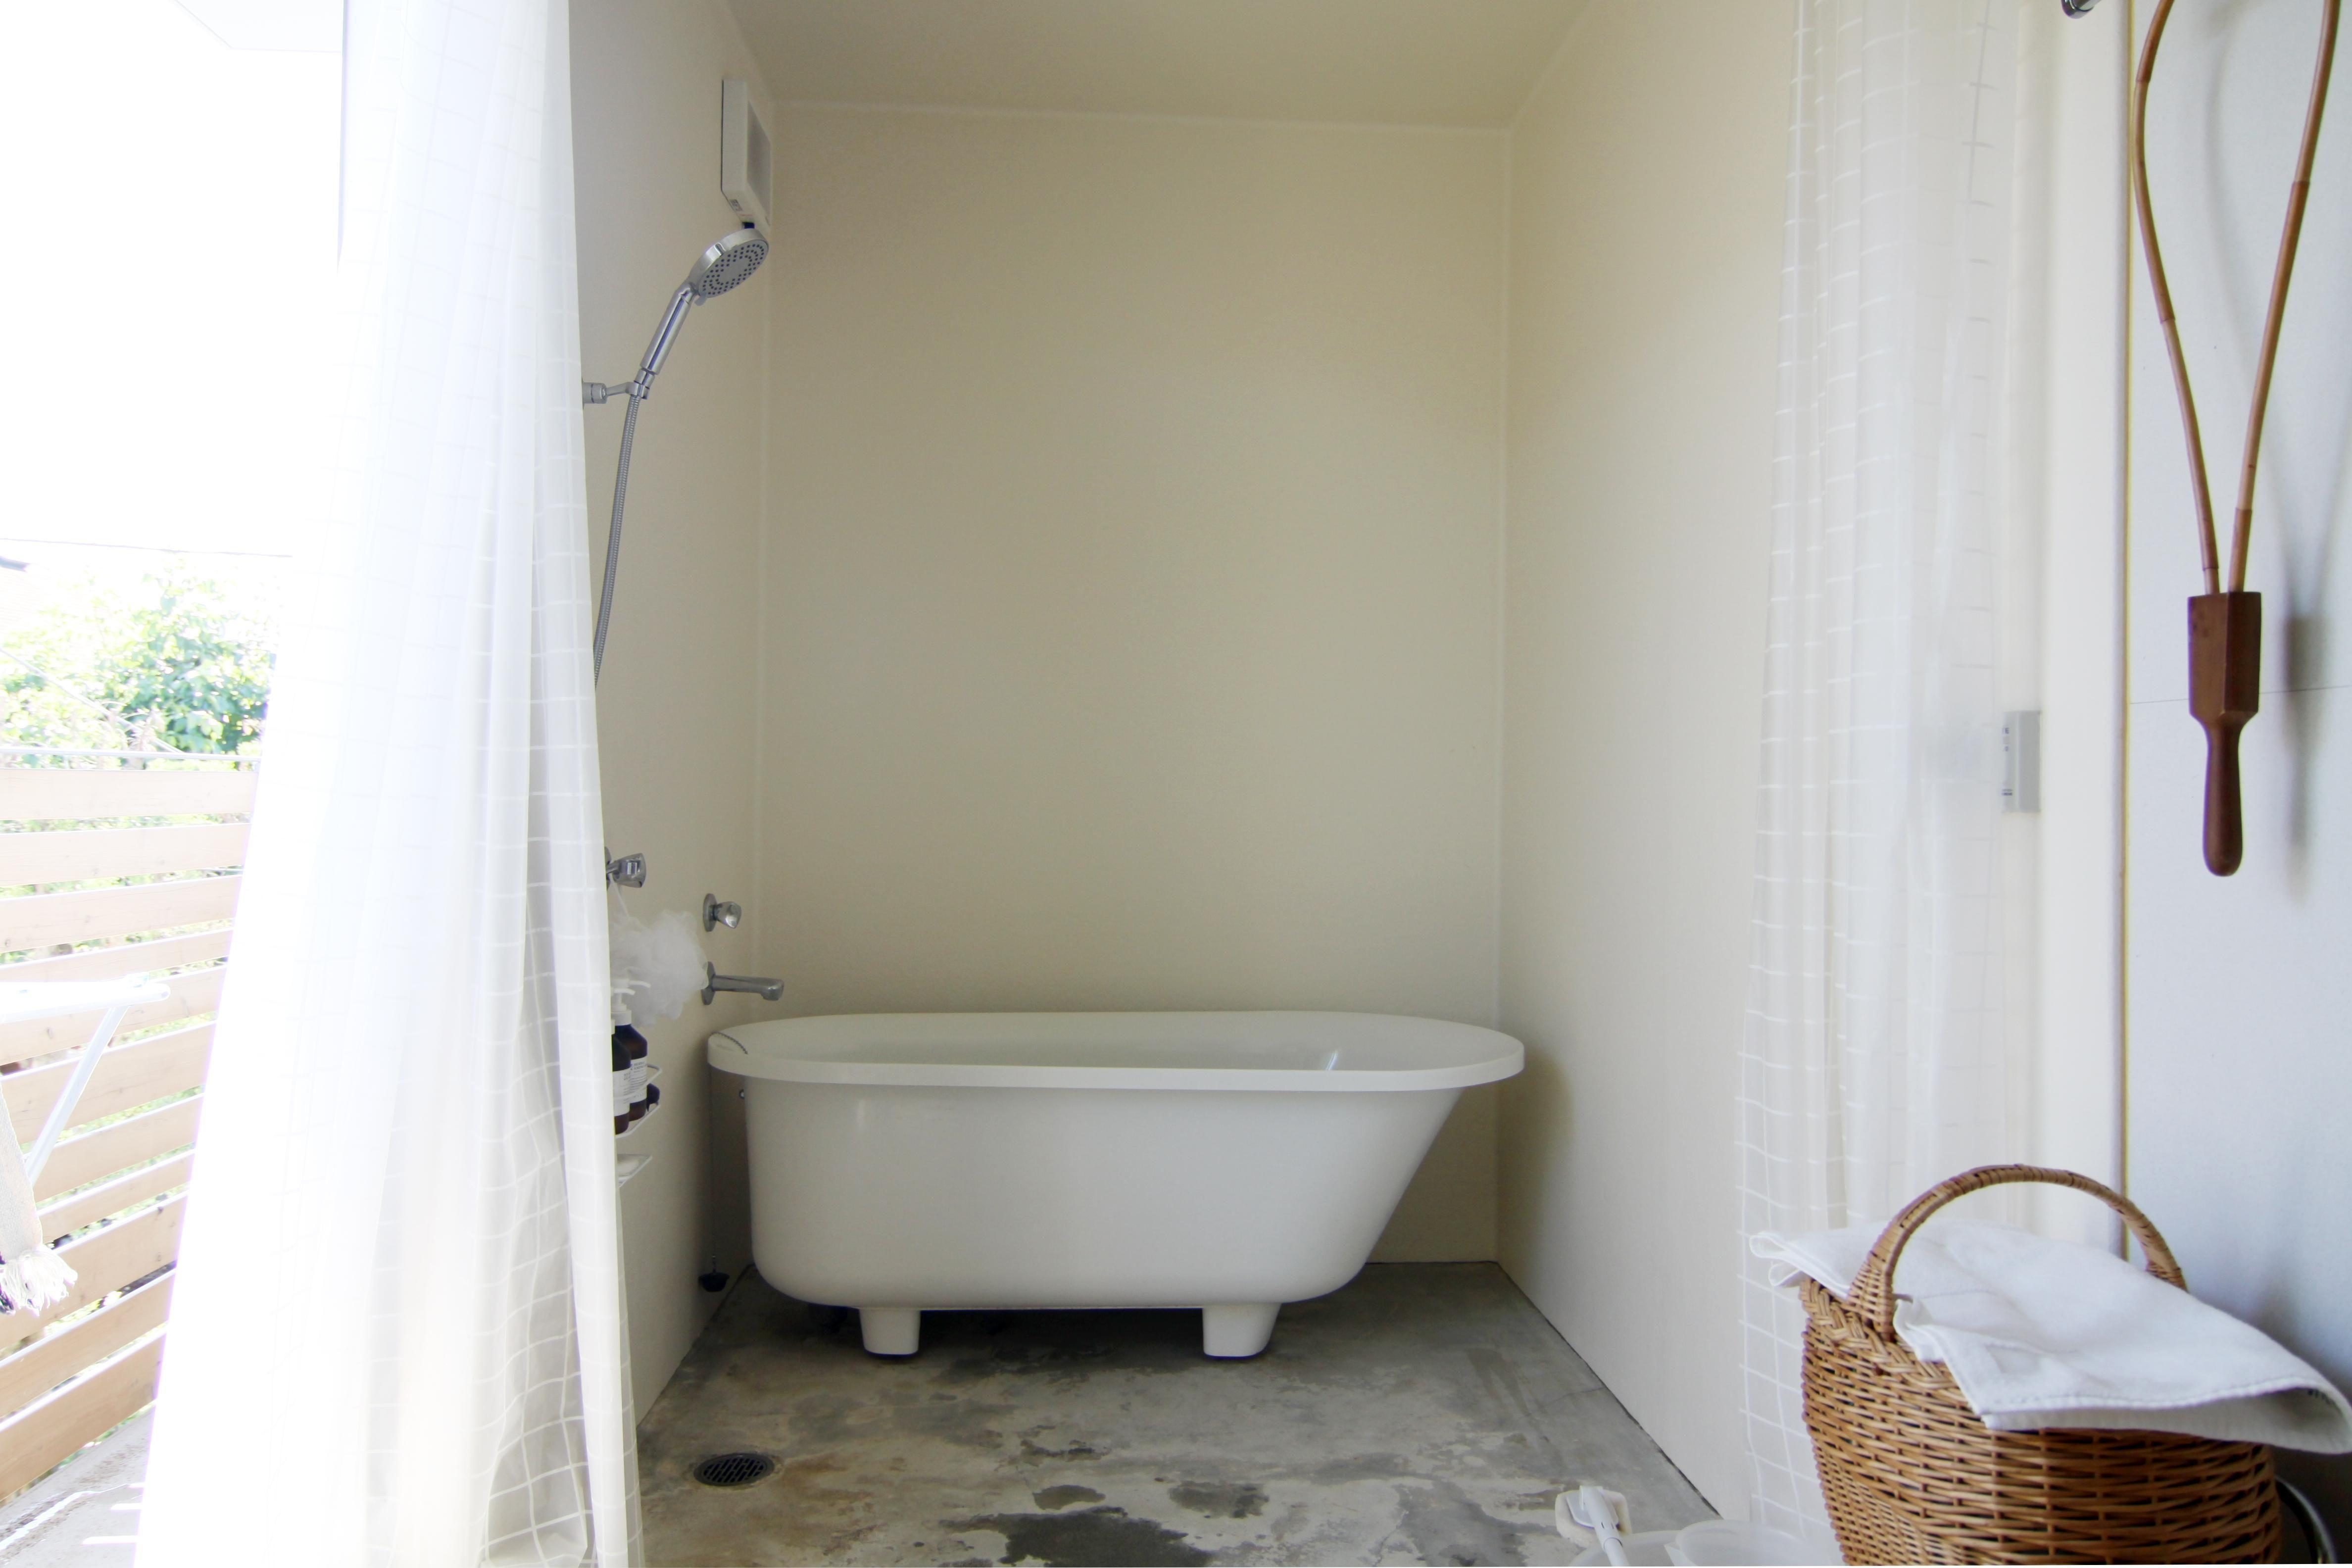 浴室 木造の家 バス トイレ事例 Suvaco スバコ 木造の家 家 木造